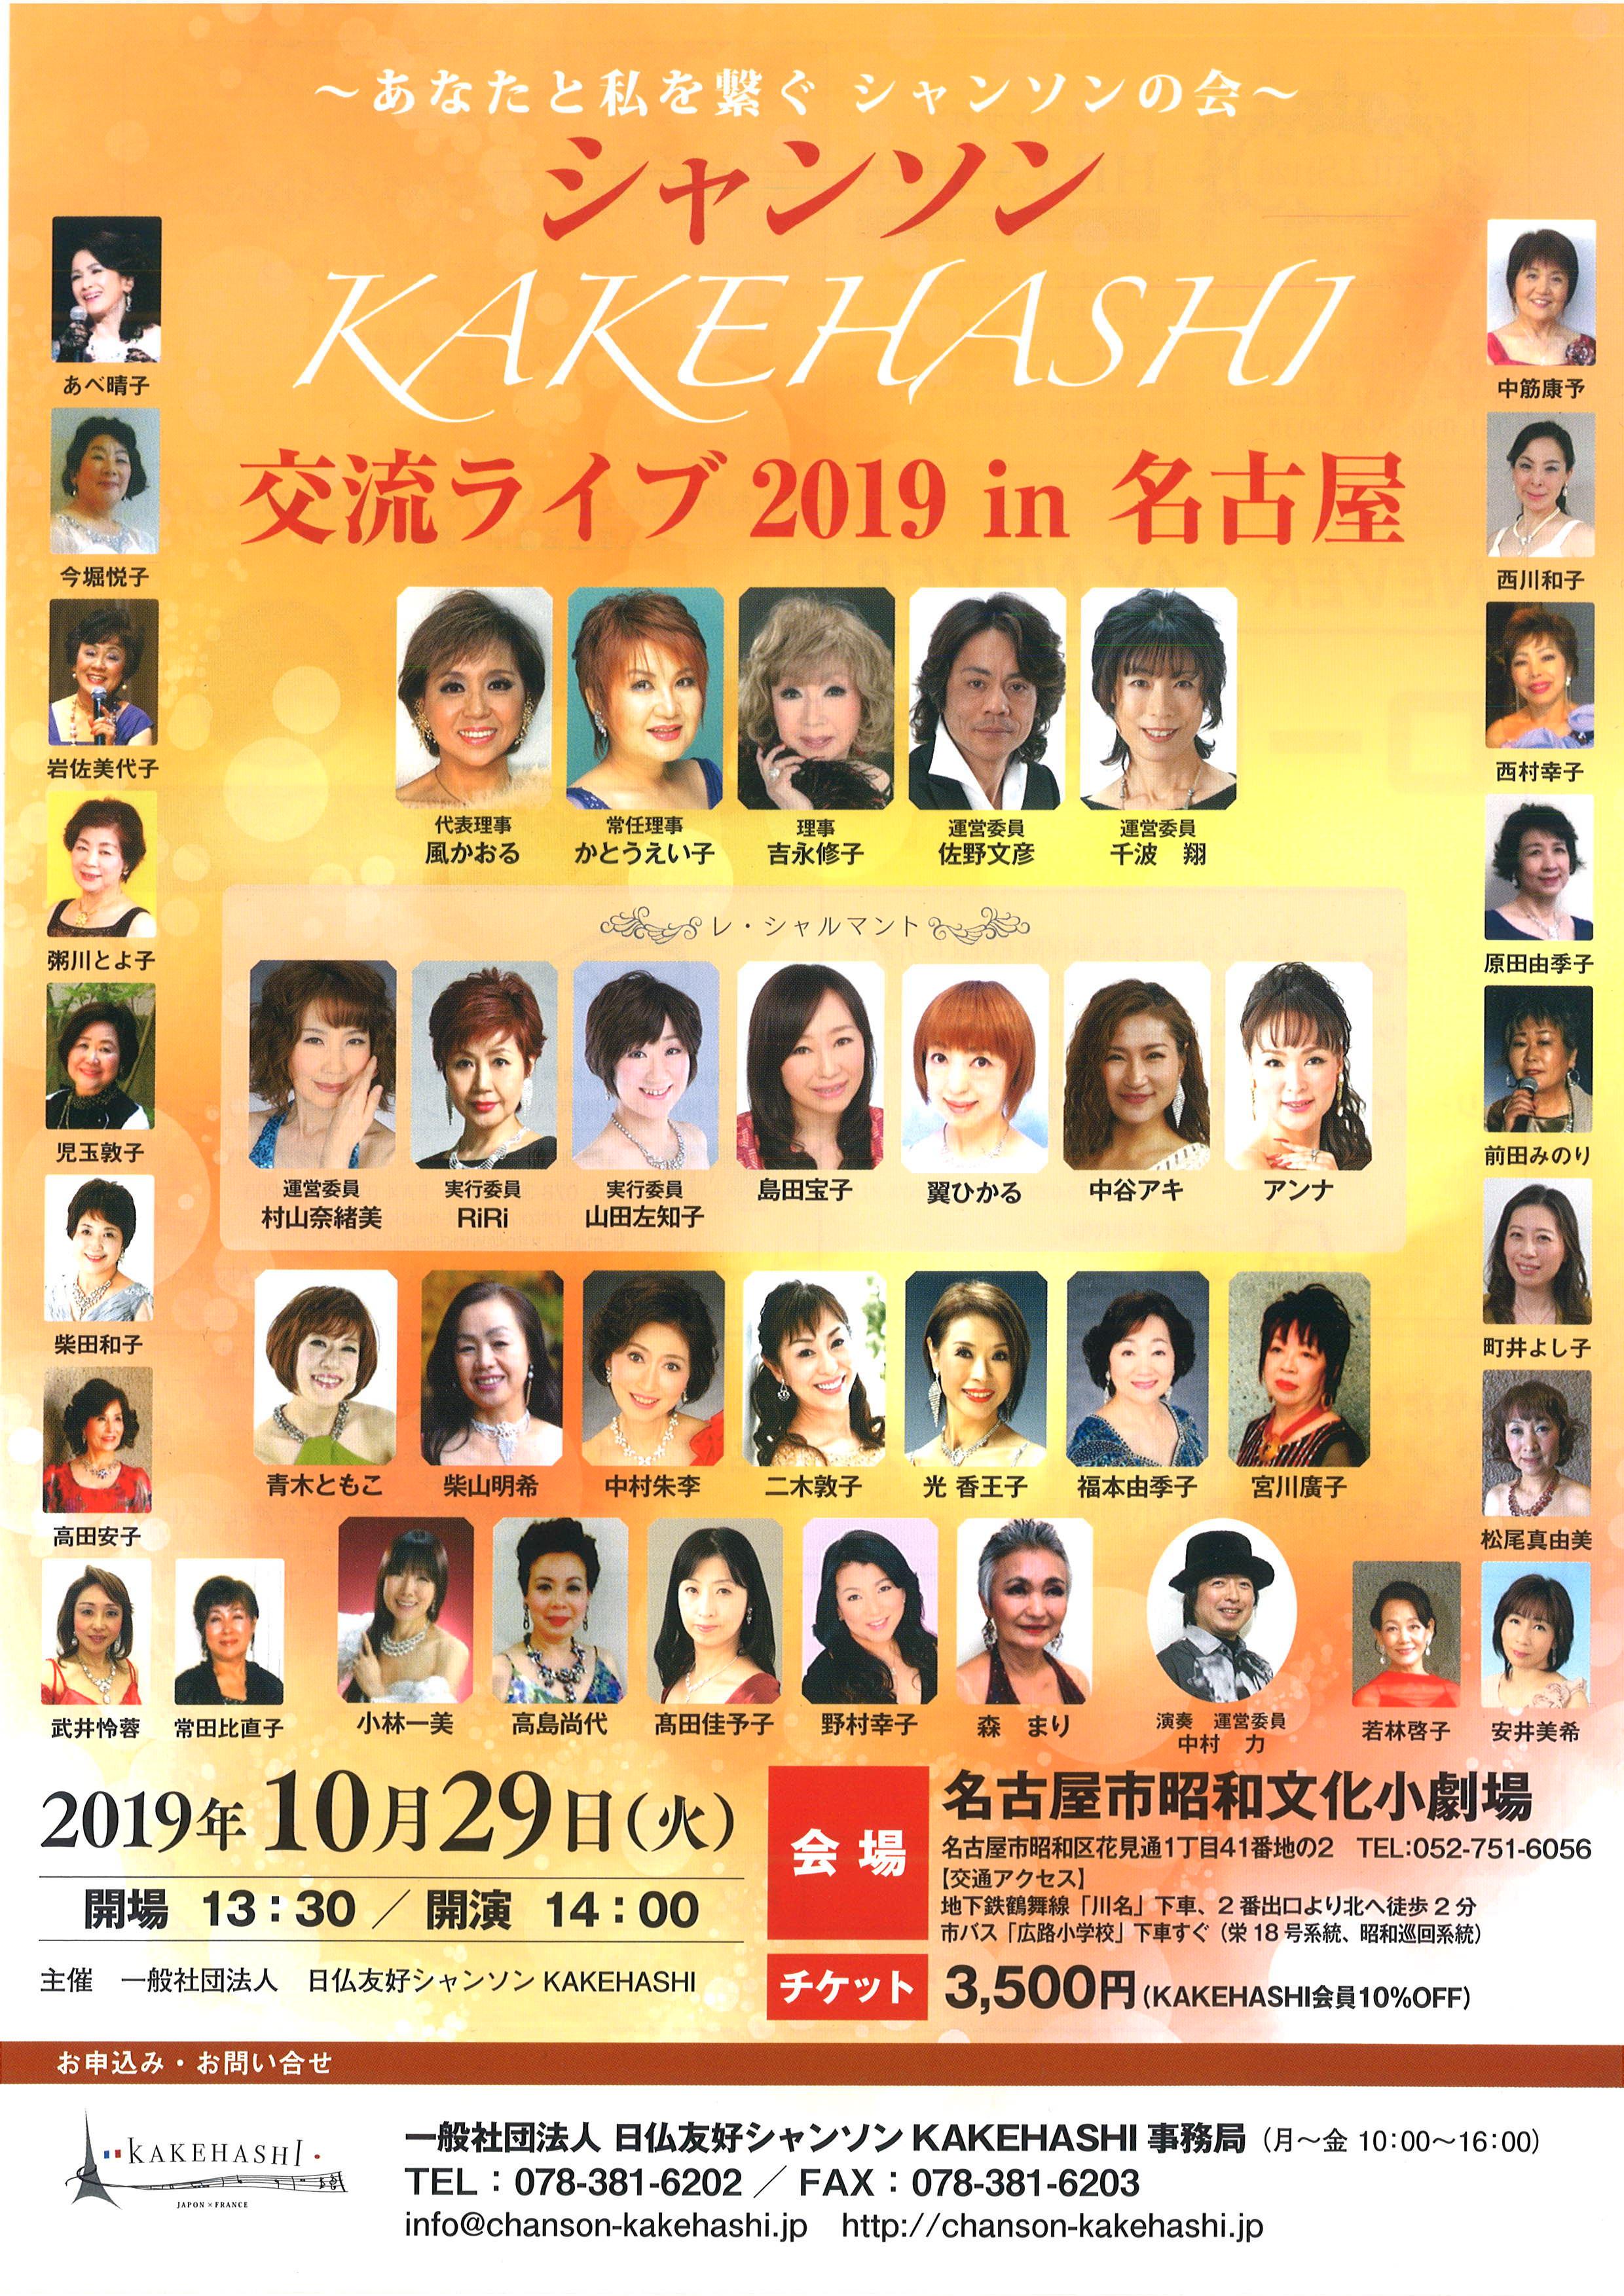 20191029KAKEHASHI交流ライブ.jpg